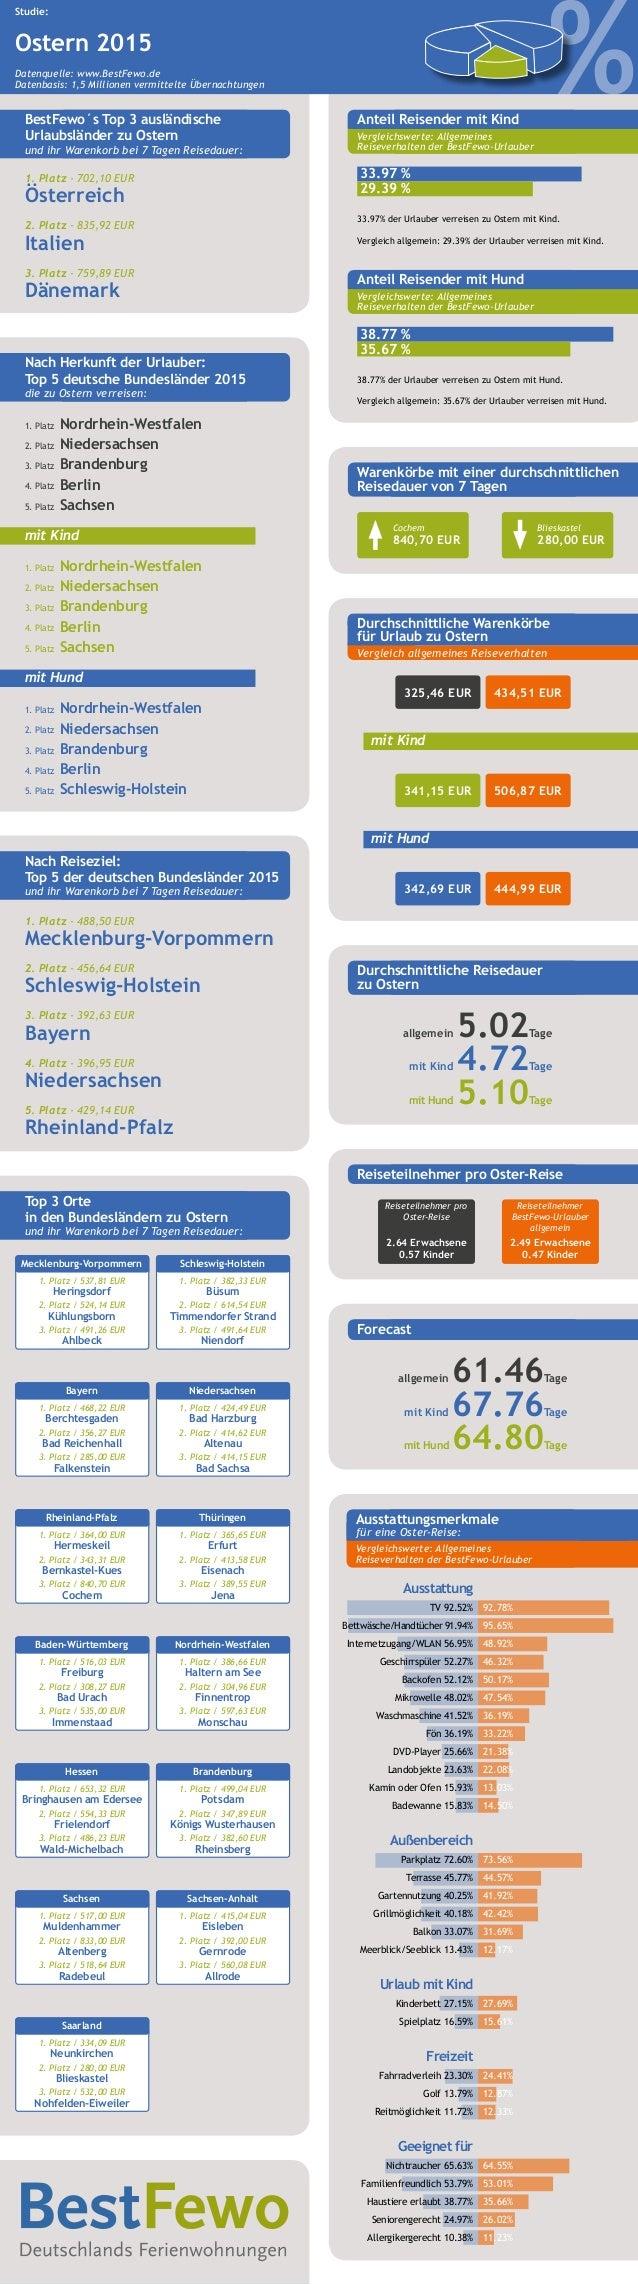 1. Platz - 702,10 EUR Österreich 2. Platz - 835,92 EUR Italien 3. Platz - 759,89 EUR Dänemark BestFewo´s Top 3 ausländisch...